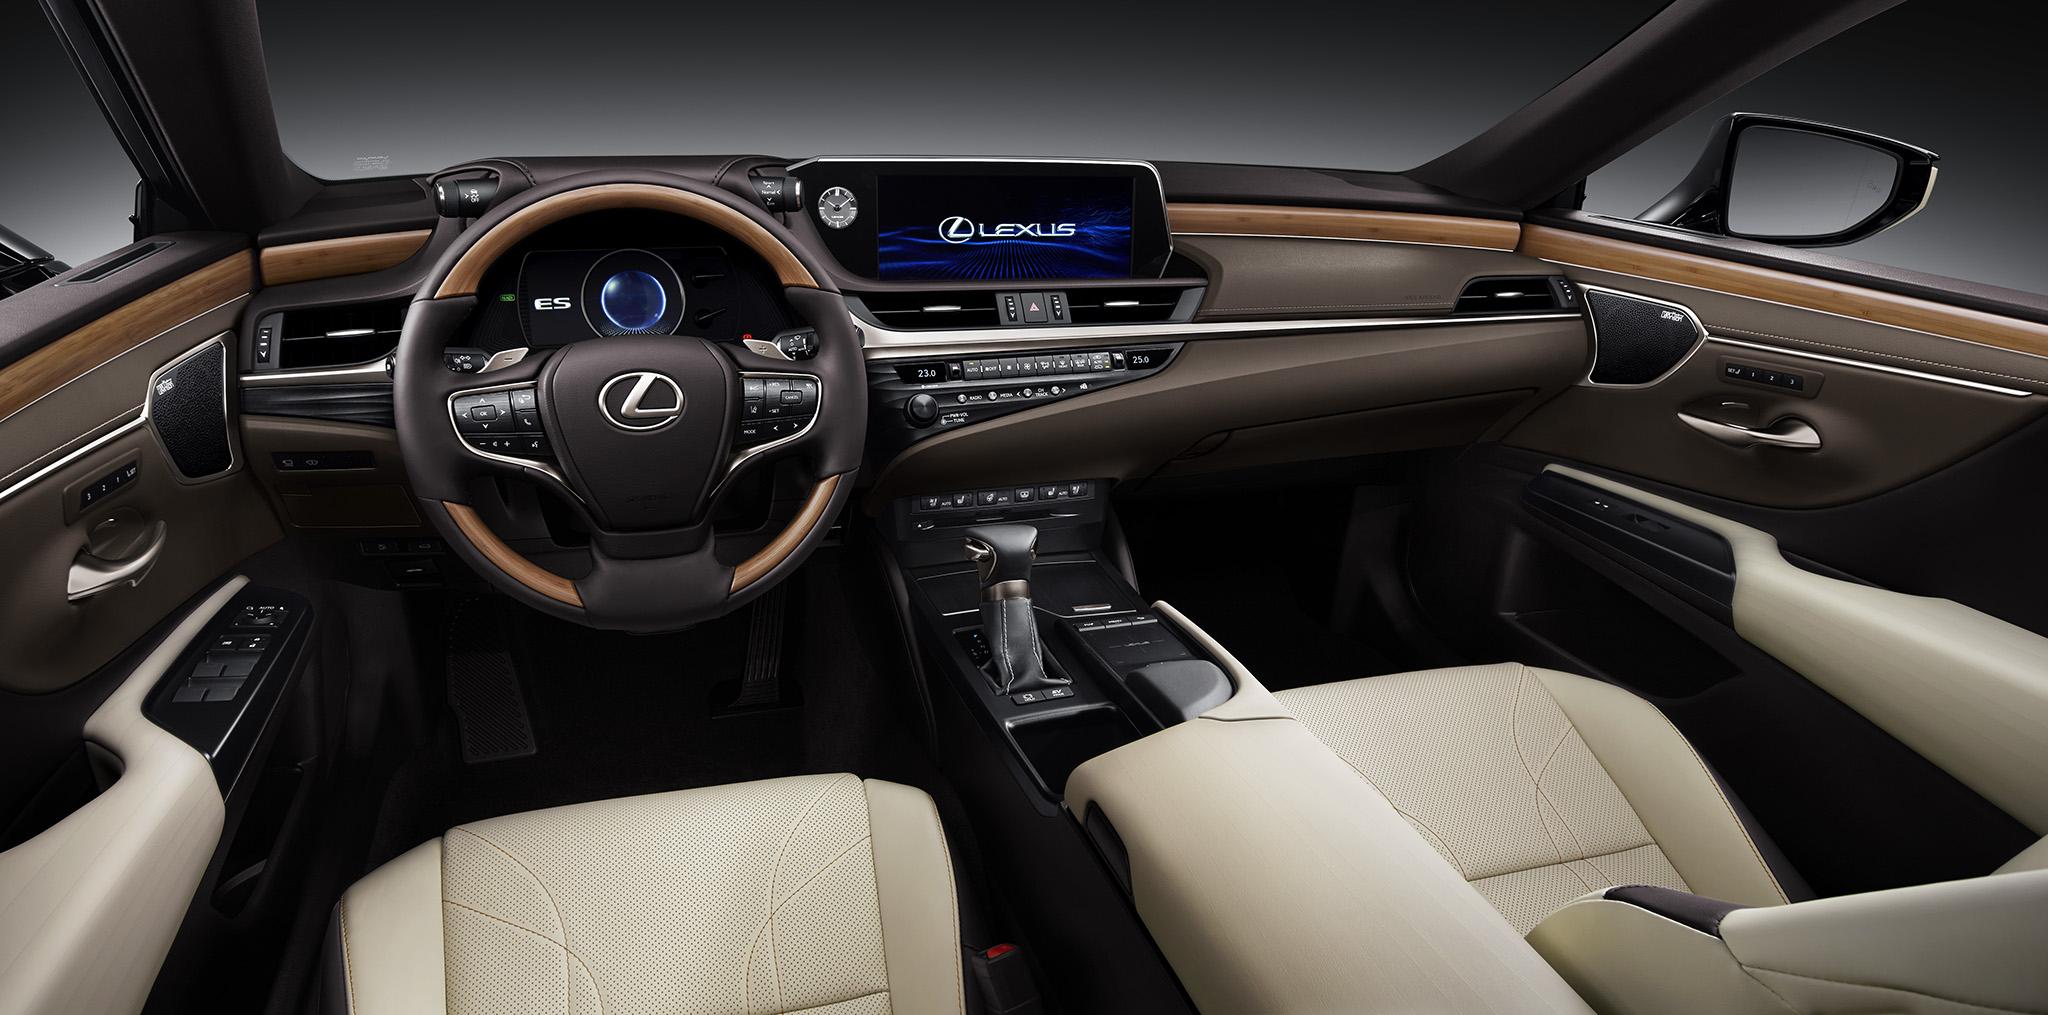 Lexus giới thiệu ES và LS mới, sử dụng động cơ Hybrid tại Việt Nam - 6